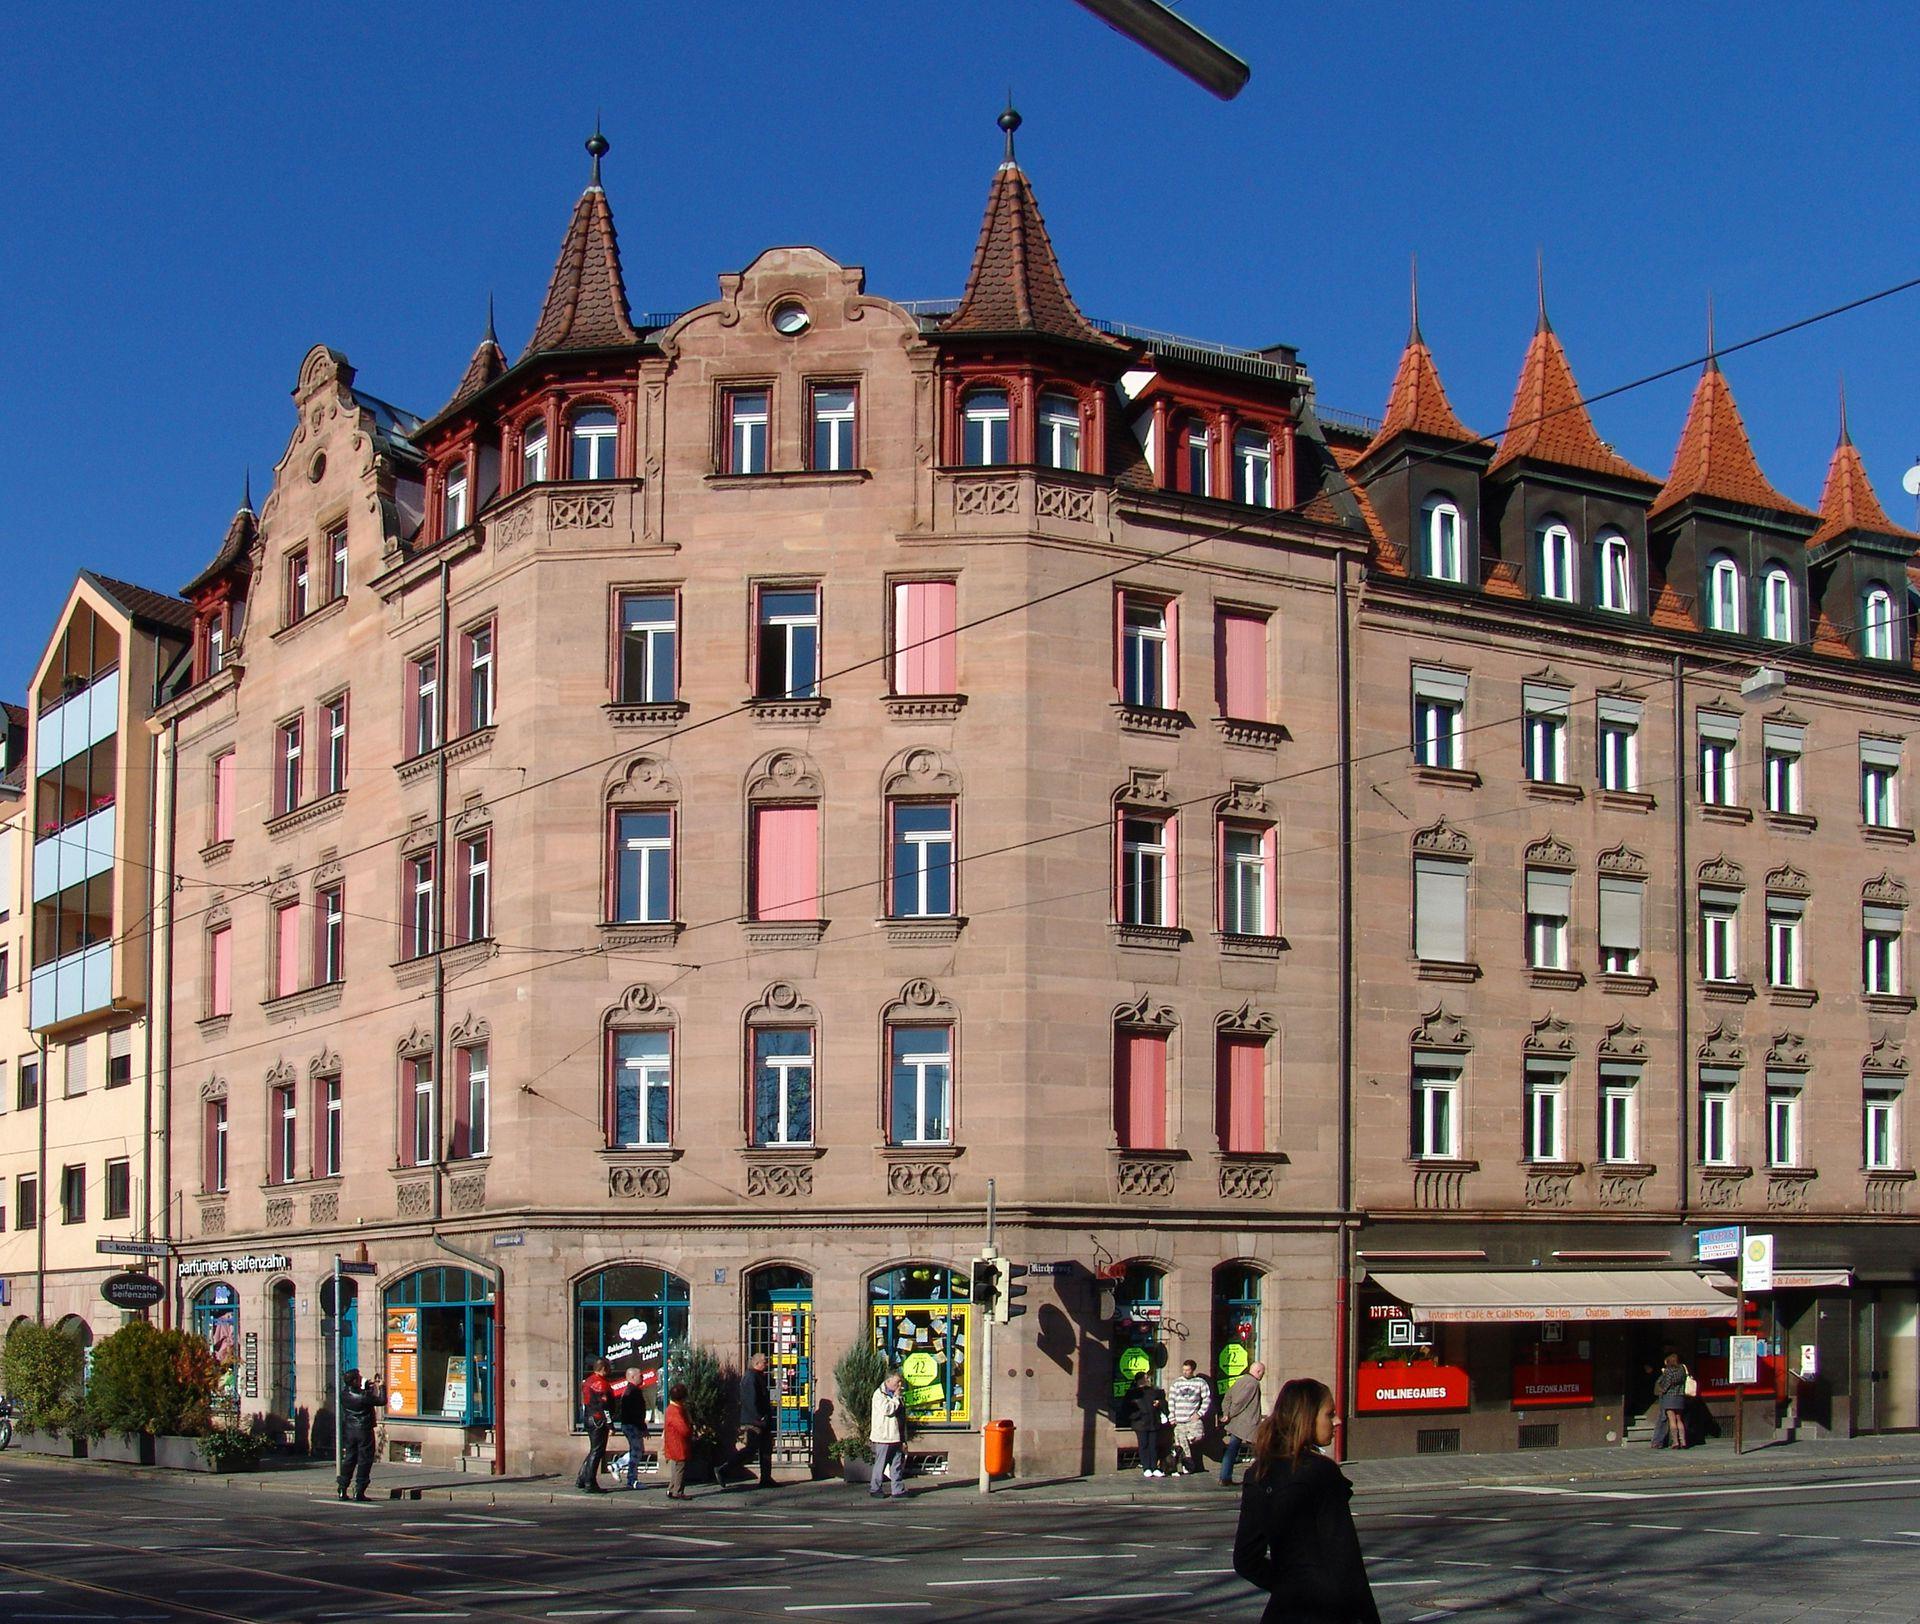 Wohn- und Geschäftshaus, Johannistraße 68 Gesamtansicht Johannistraße/Kirchenweg